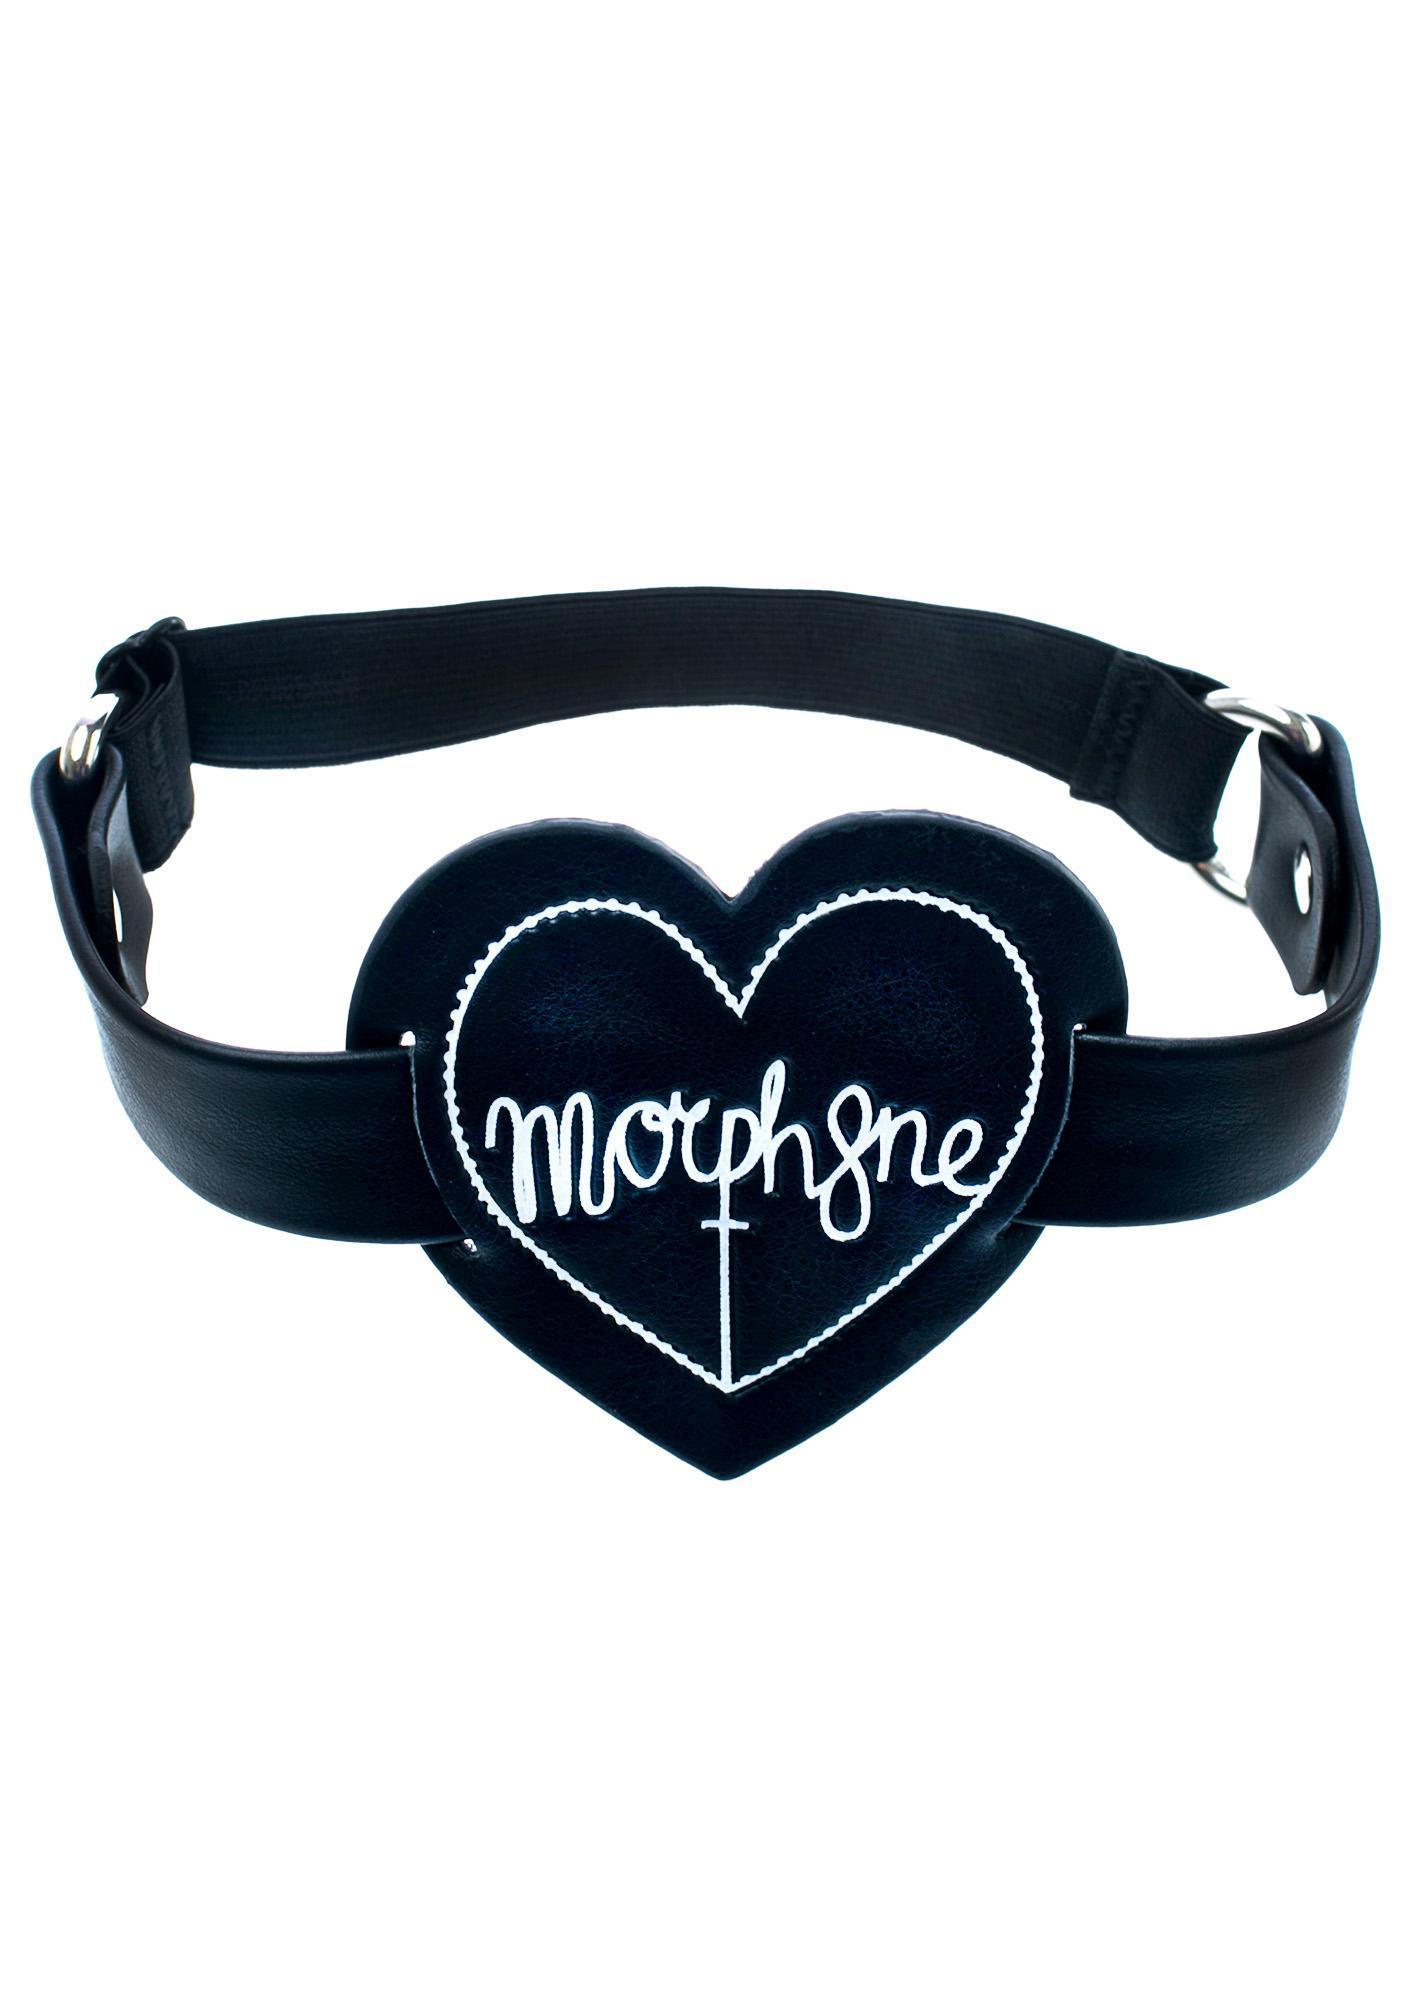 Morph8ne Heart Logo Garter